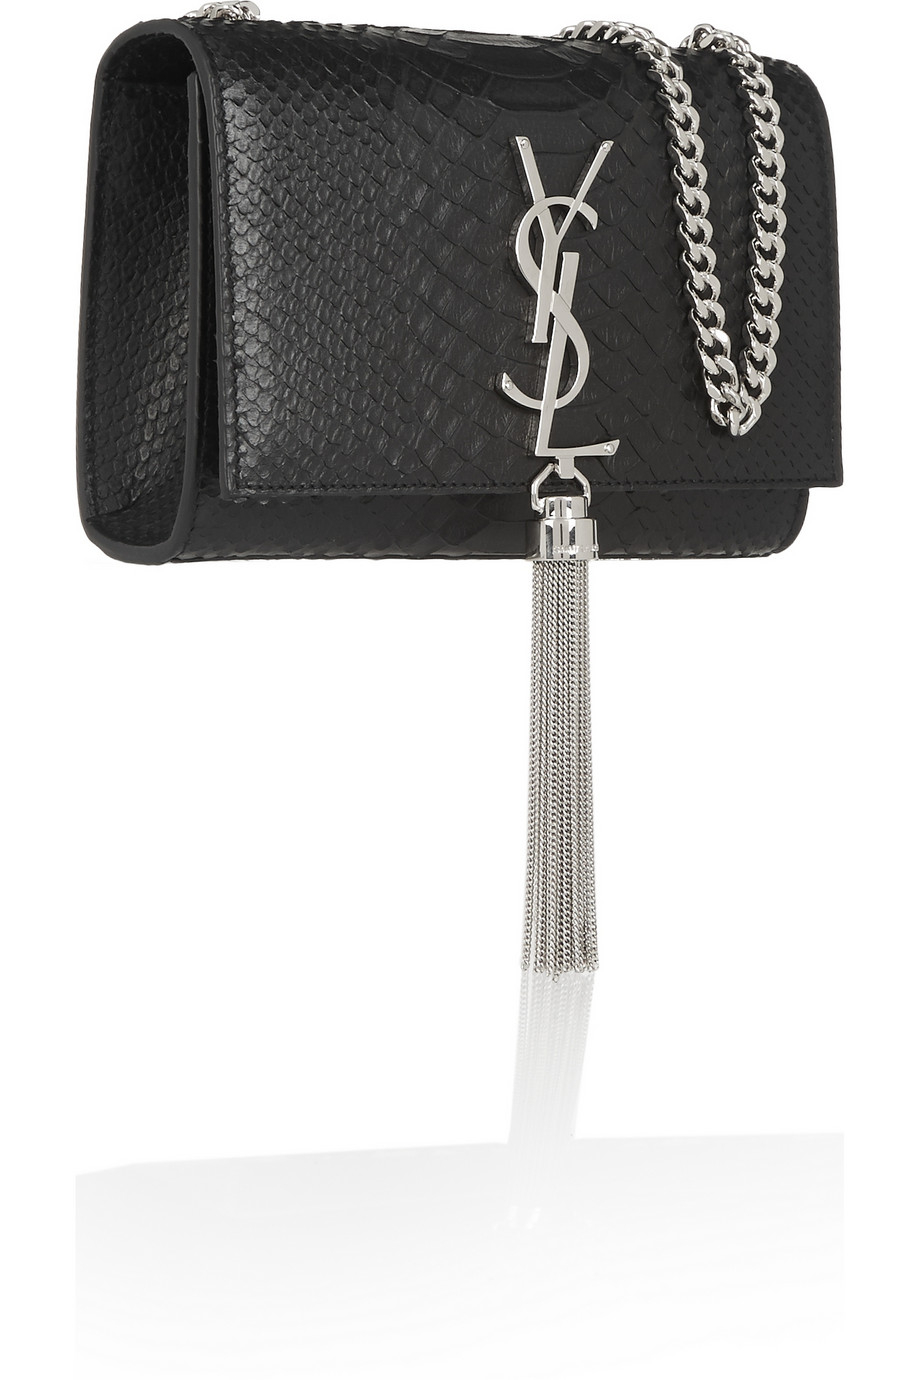 saint laurent monogramme small snake effect leather shoulder bag in black lyst. Black Bedroom Furniture Sets. Home Design Ideas